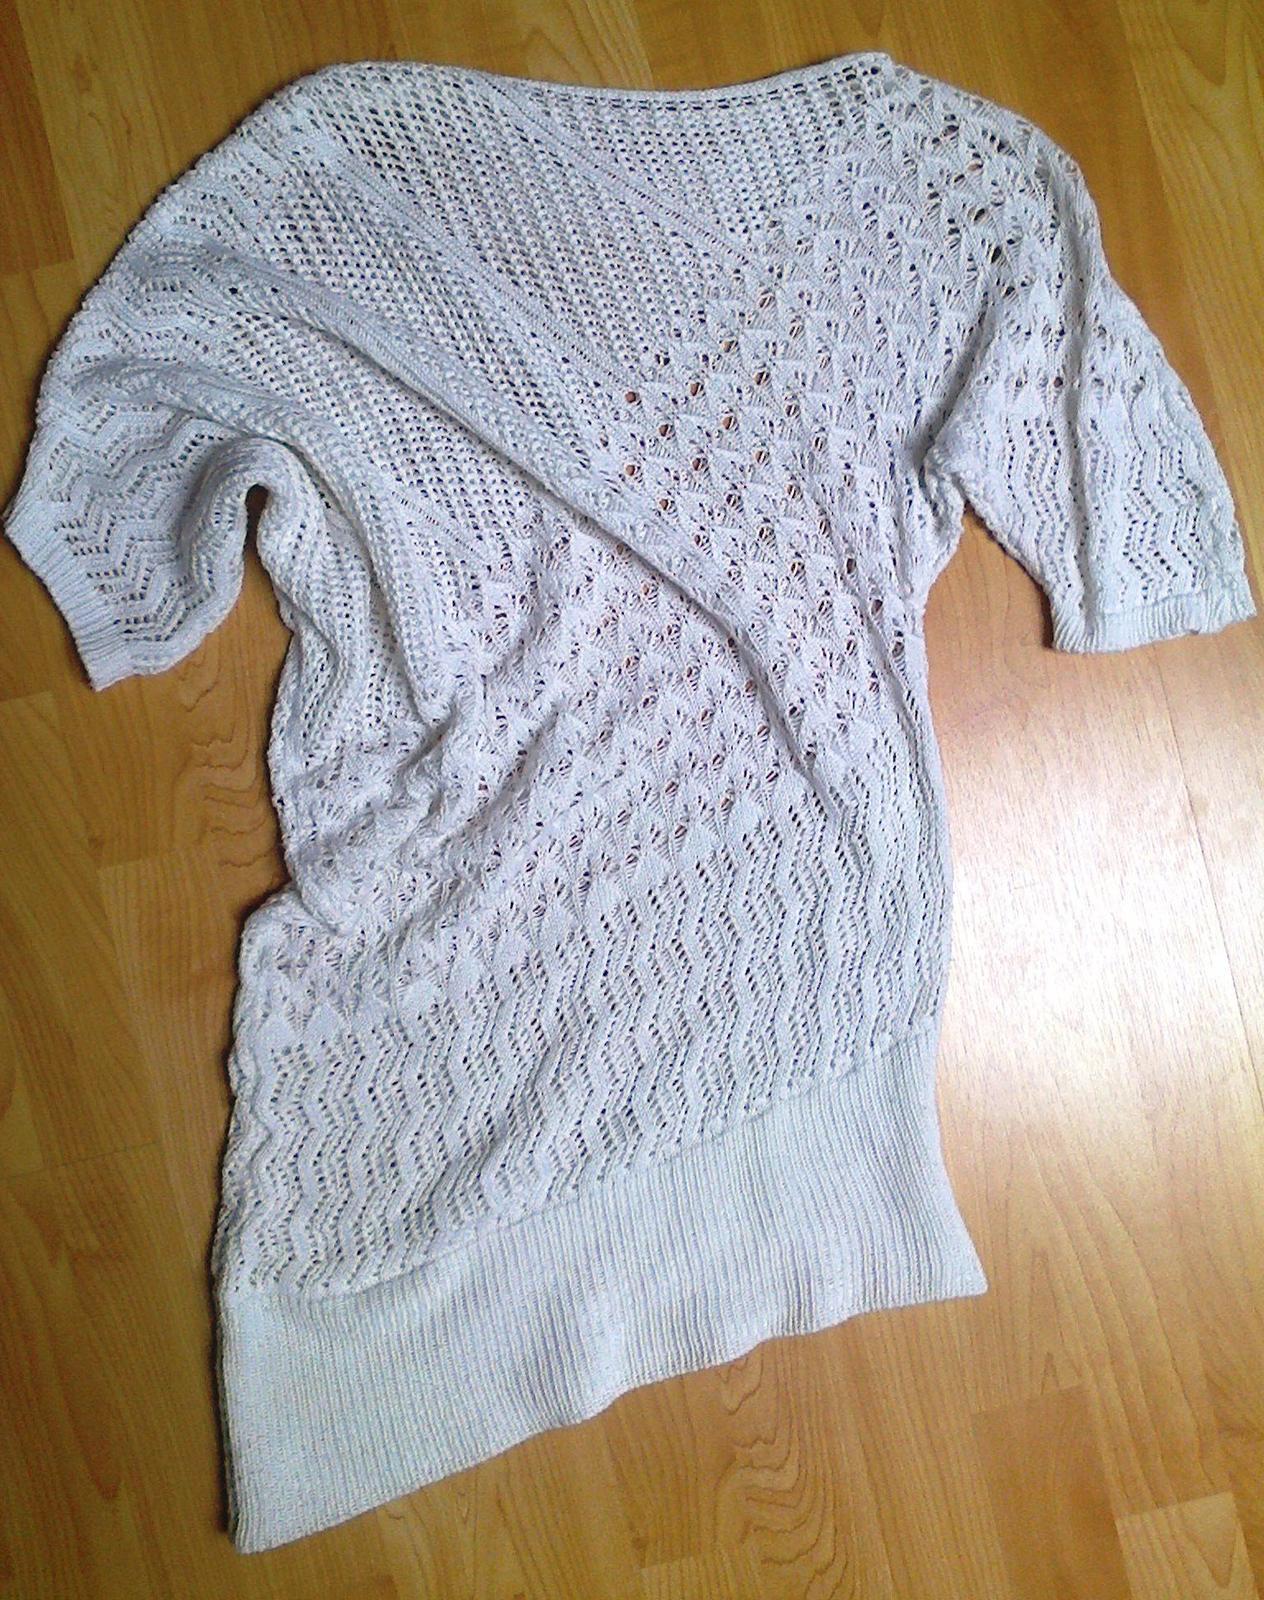 Háčkované asymetrické tričko   - Obrázek č. 1